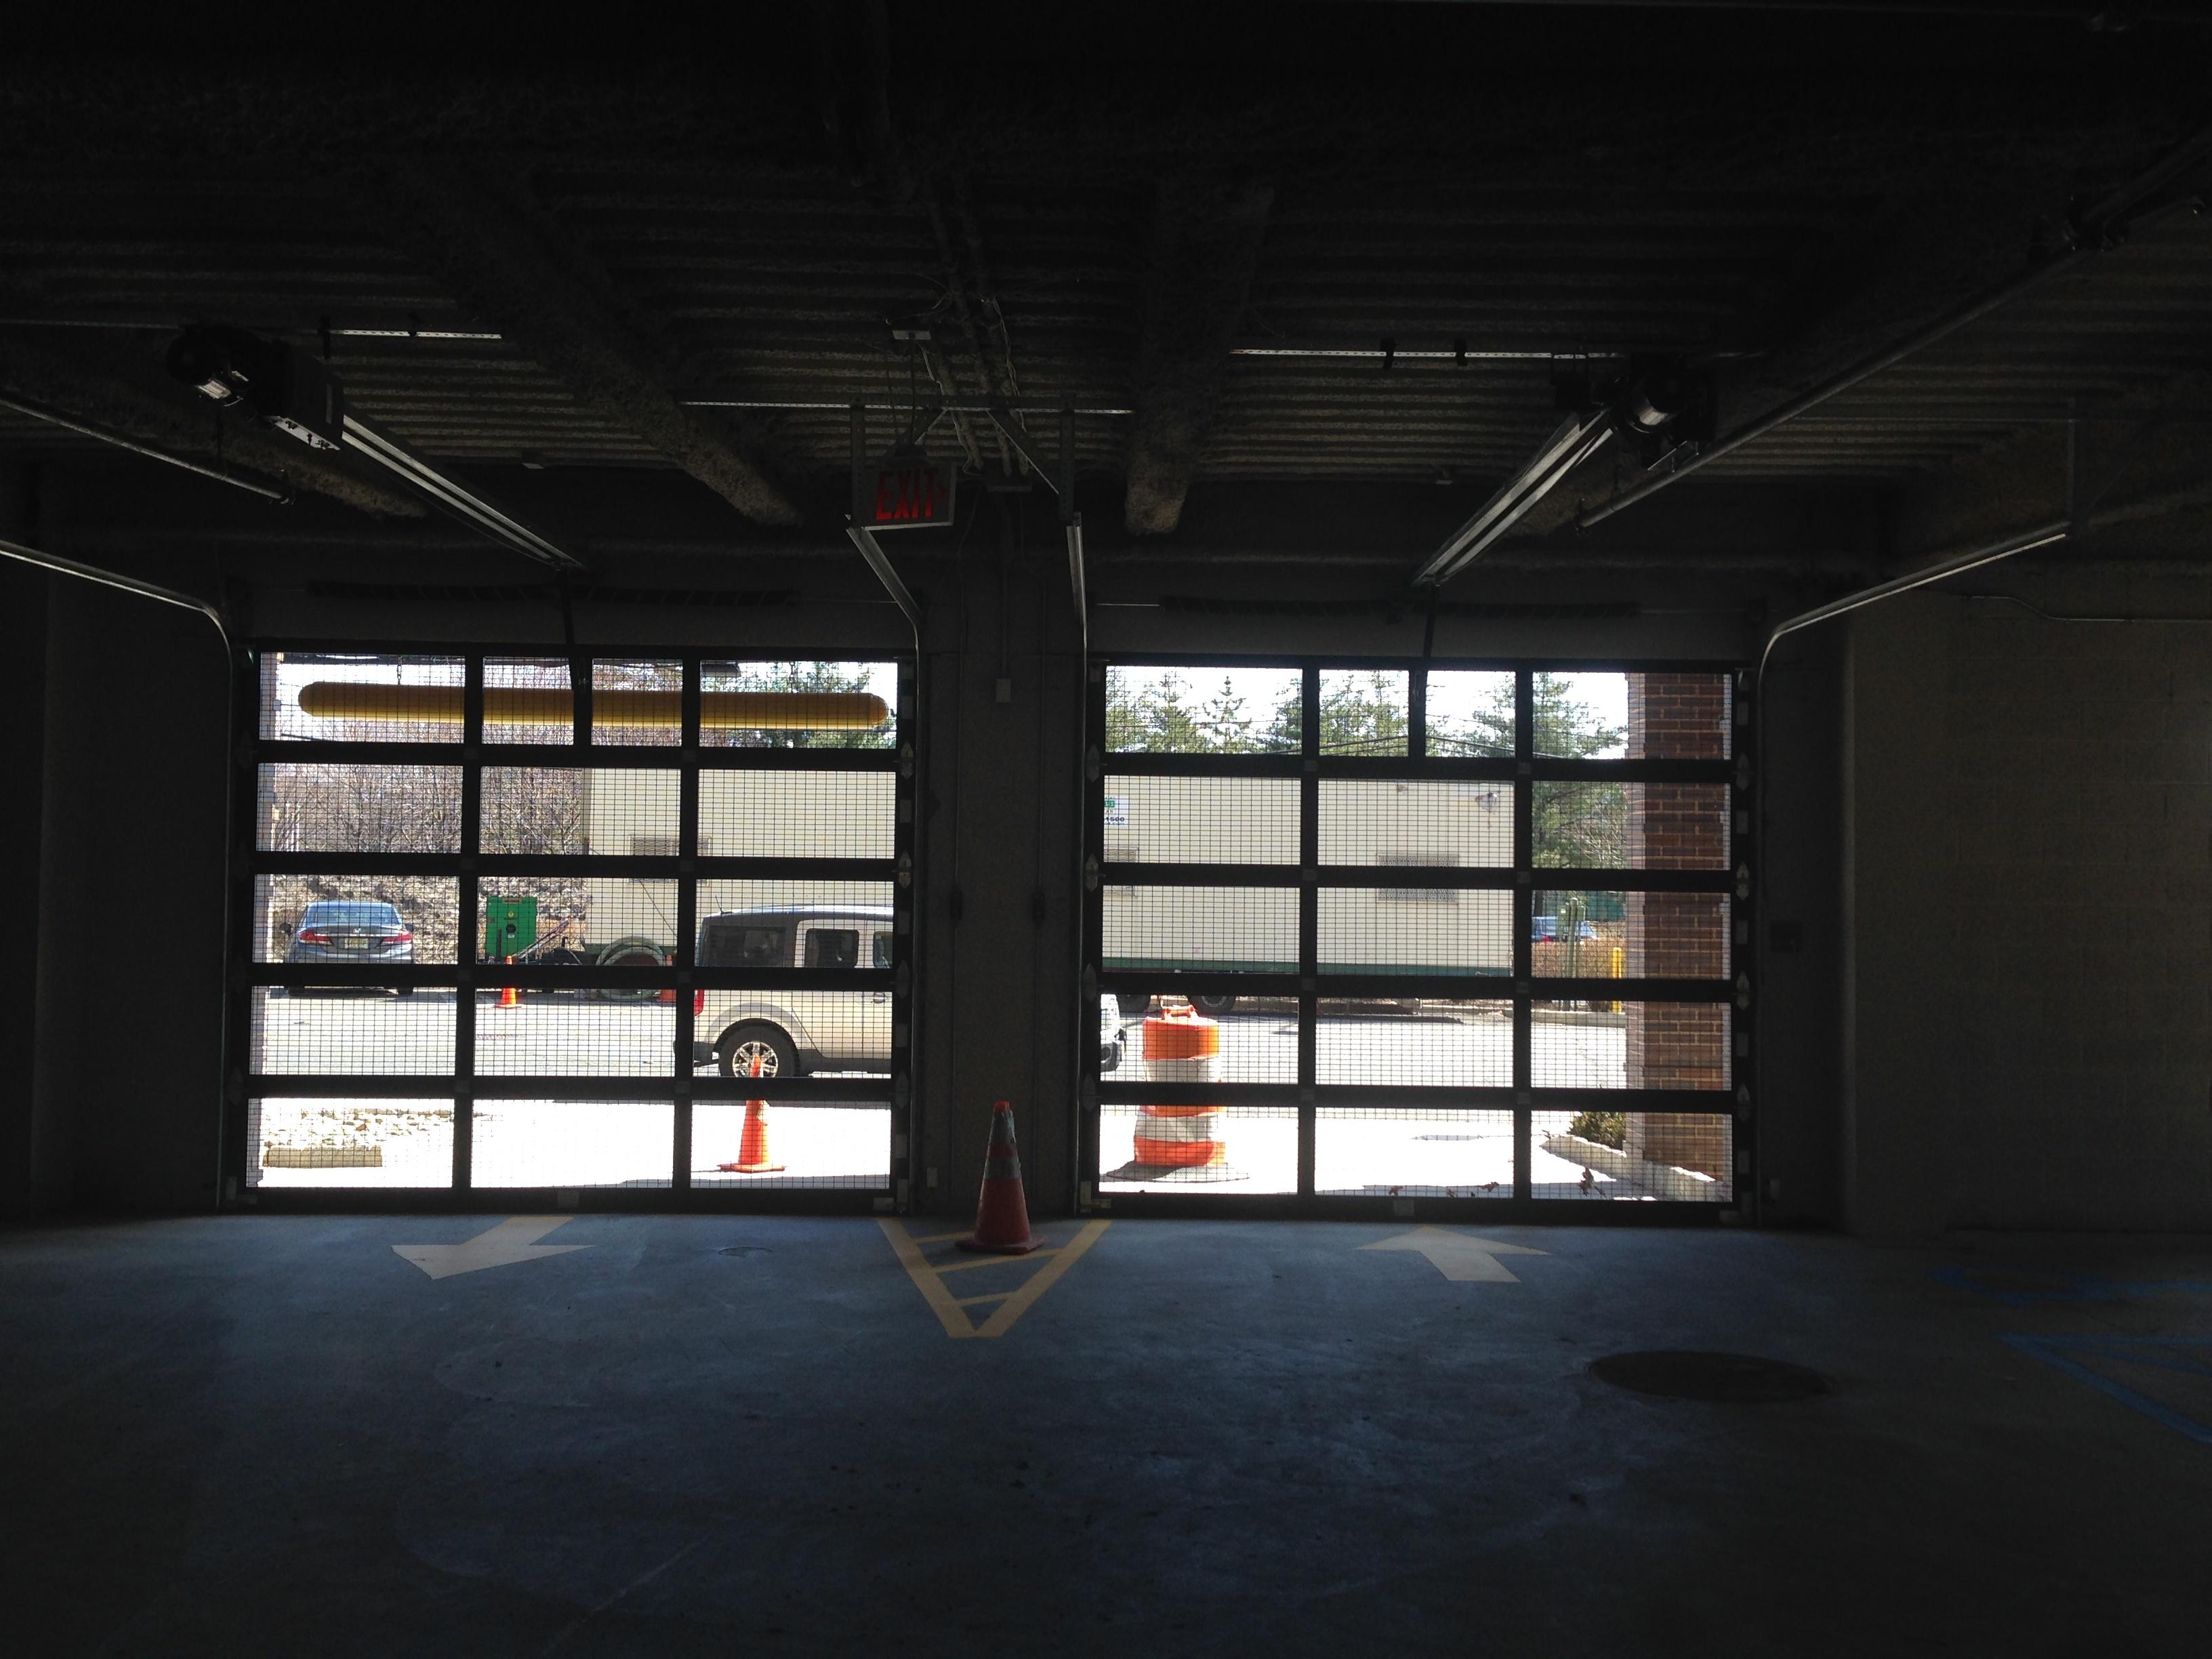 open-air-grille-sectional-garage-overhead-door-nj-nyc.jpg